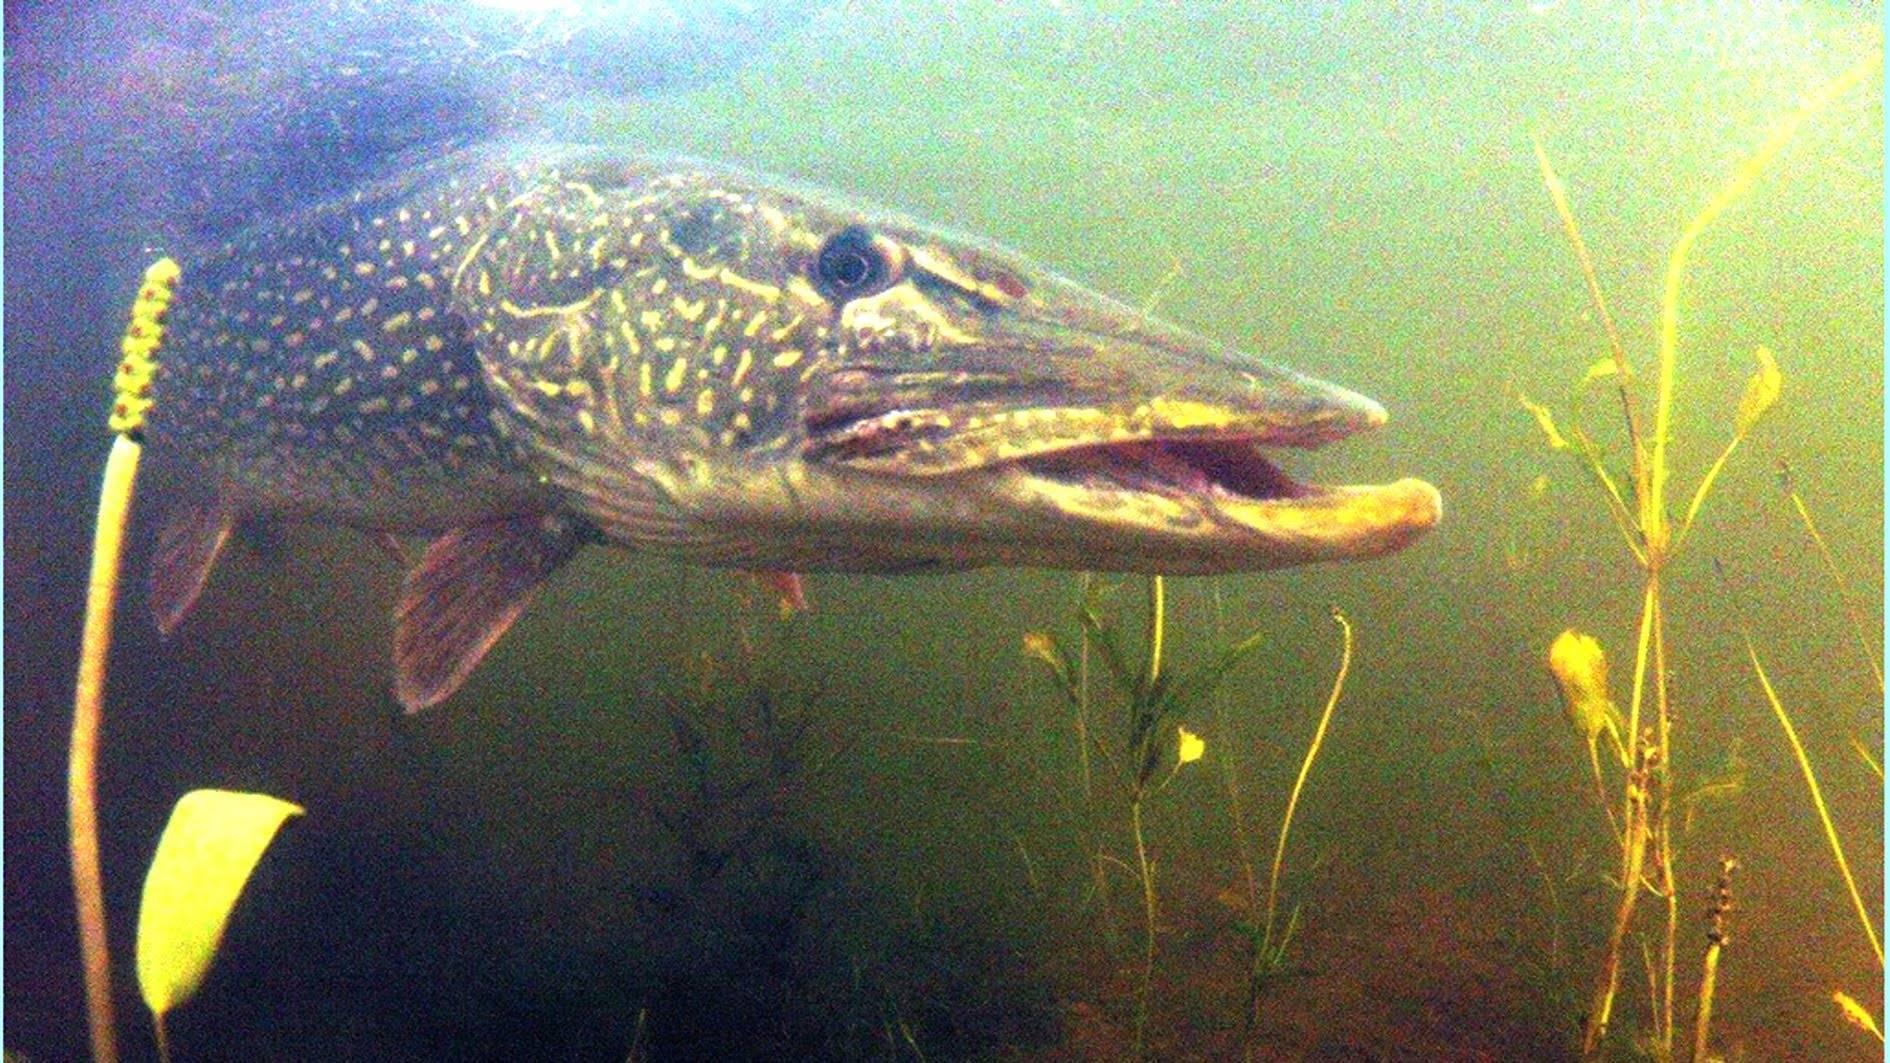 Поймать щуку таких размеров мечтает каждый рыбак